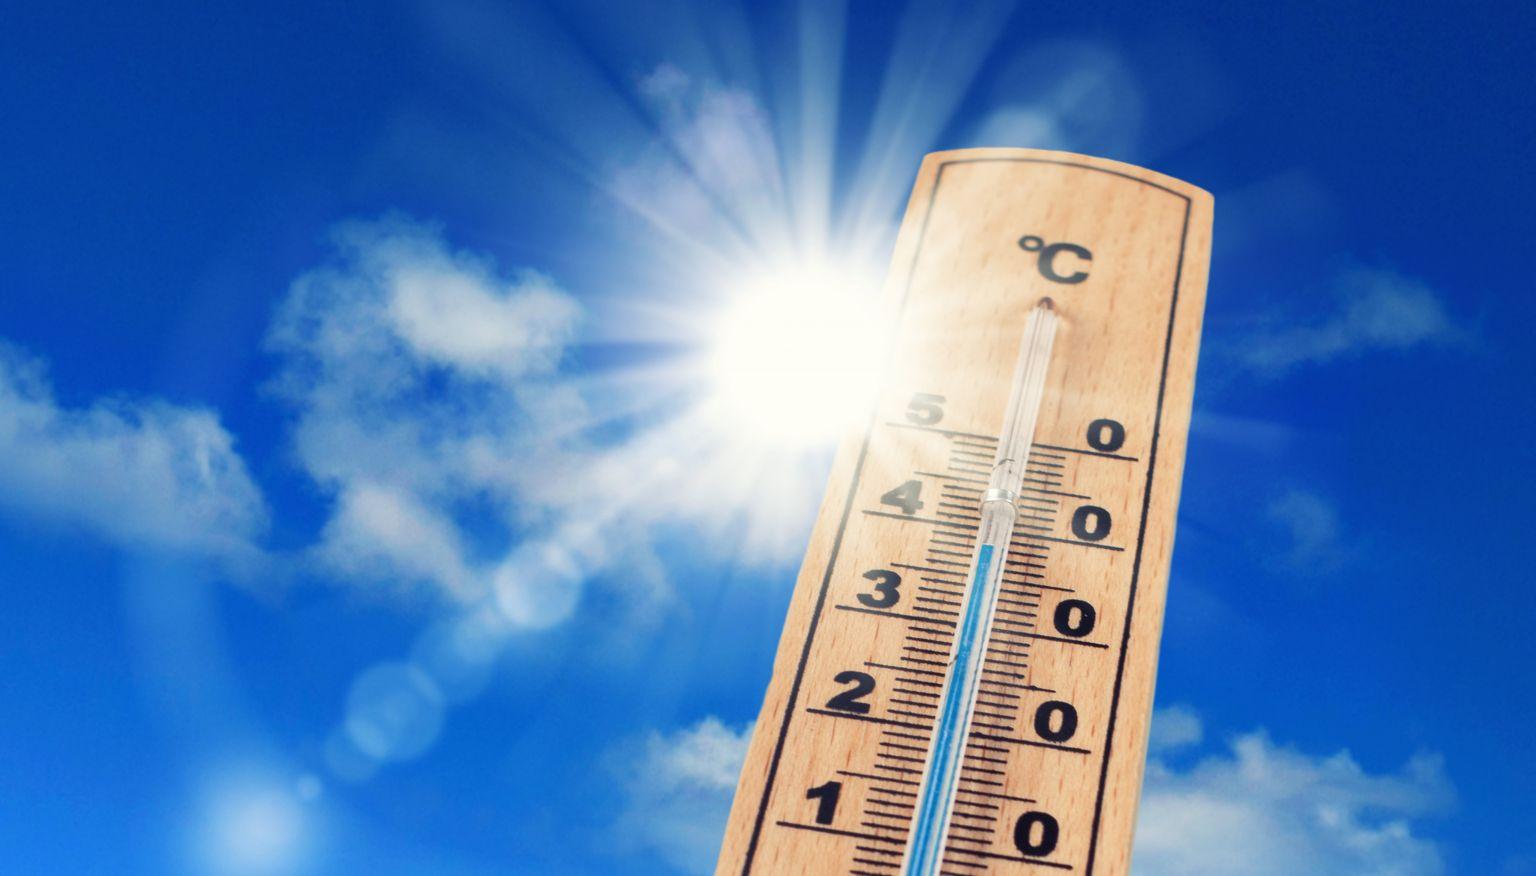 FH Salzburg startet Online-Umfrage zu sommerlicher Überhitzung in Wohnungen